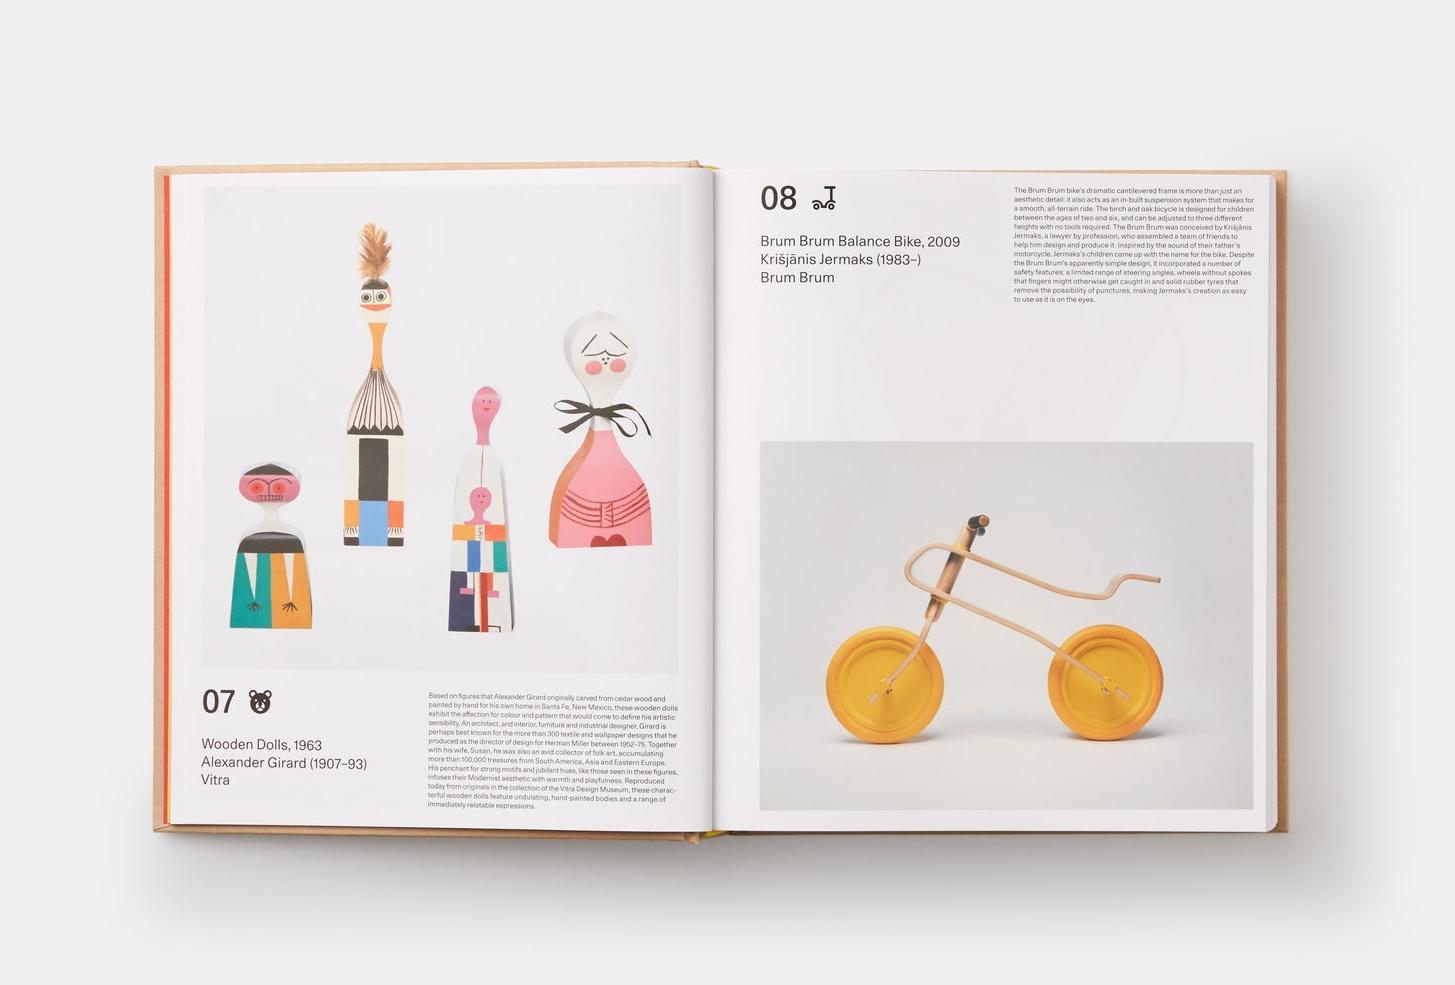 Design-For_Children-EN-7519-07-08.jpg